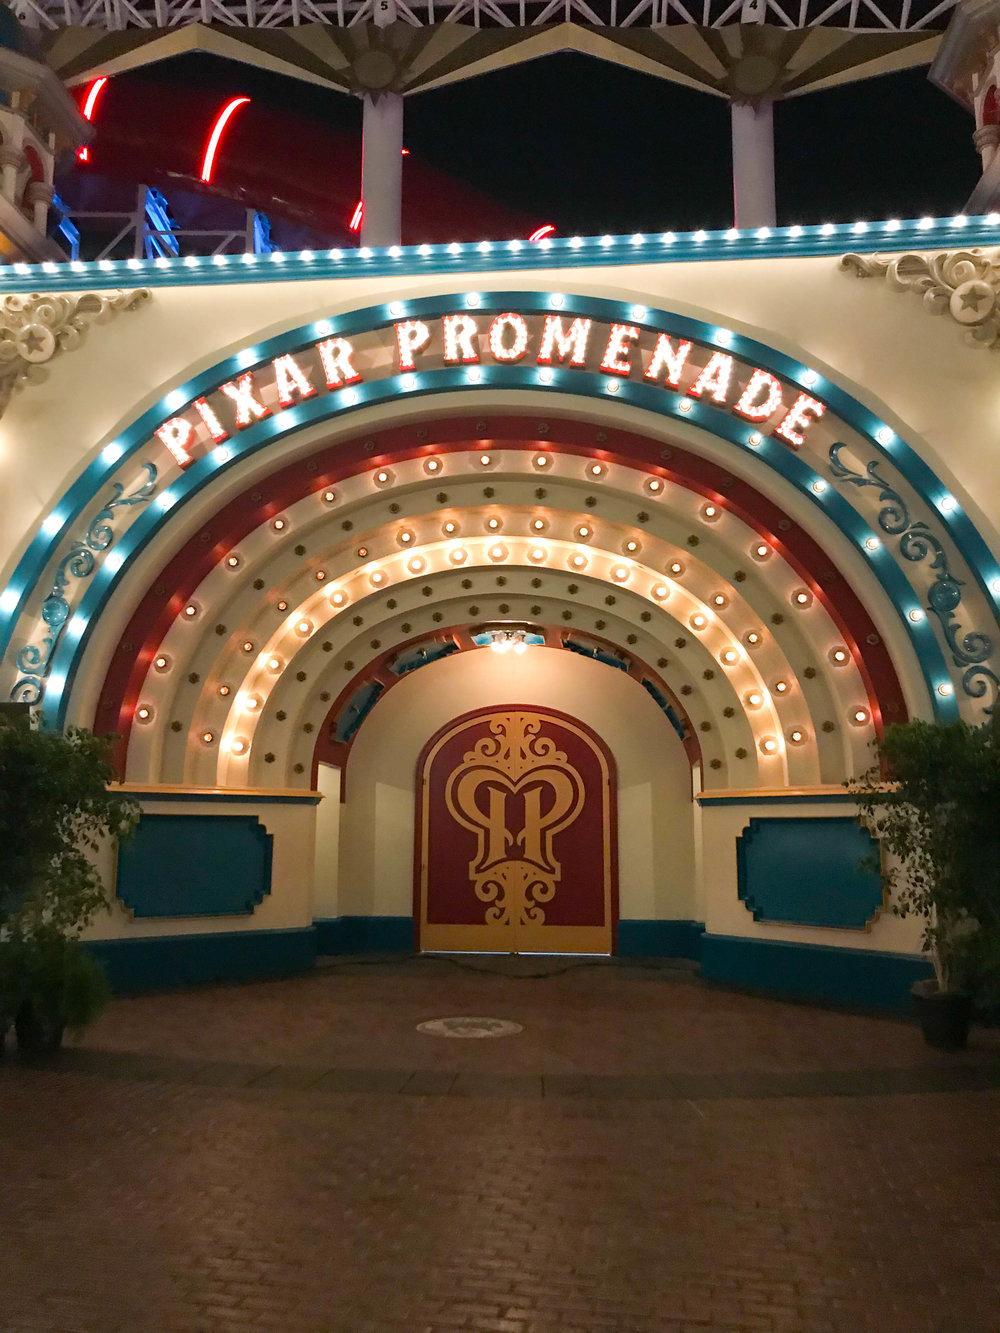 Pixar Promenade